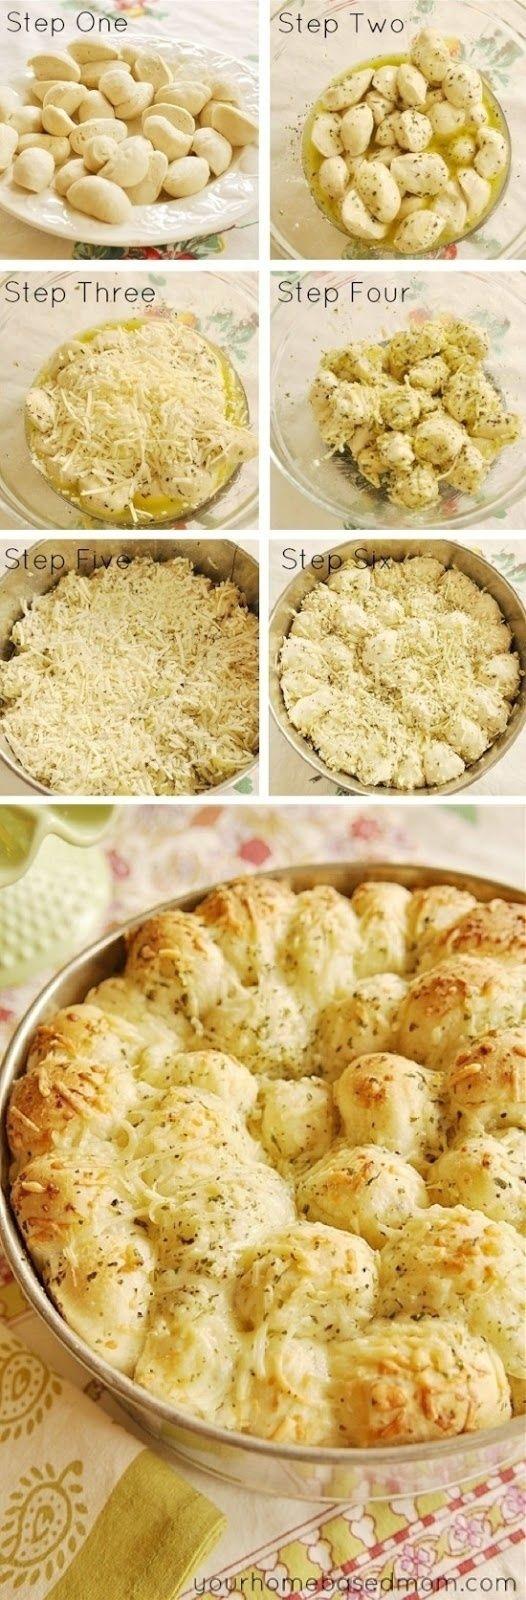 Garlic Cheese Pull-Apart Bread - DIY Ideas 4 Home